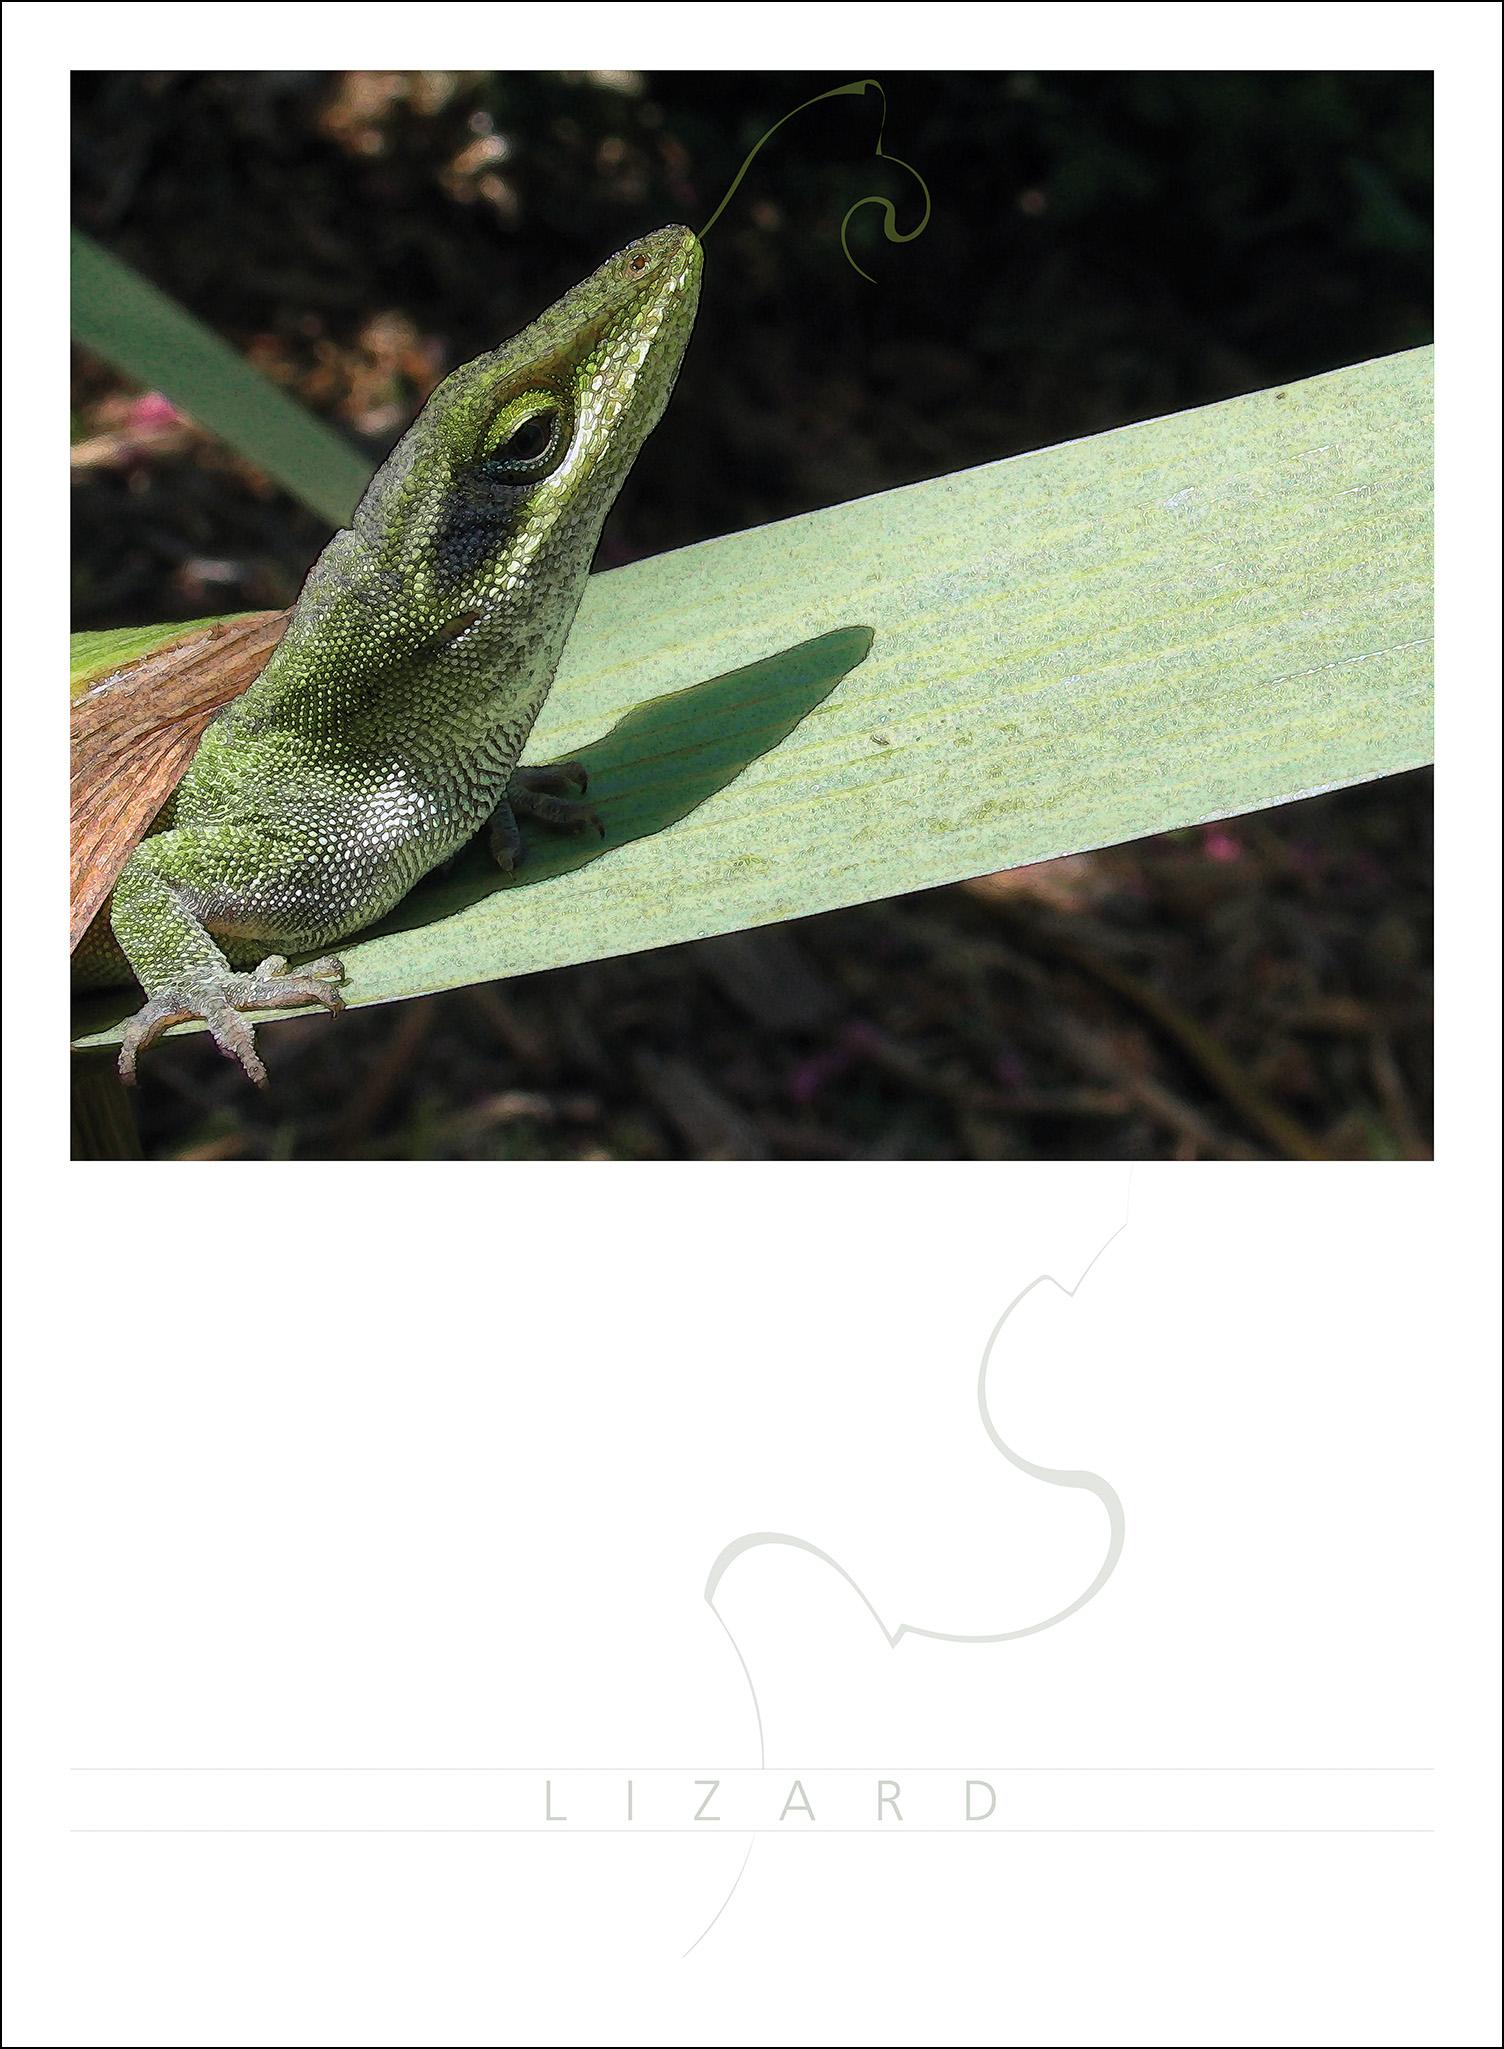 160709-lizard